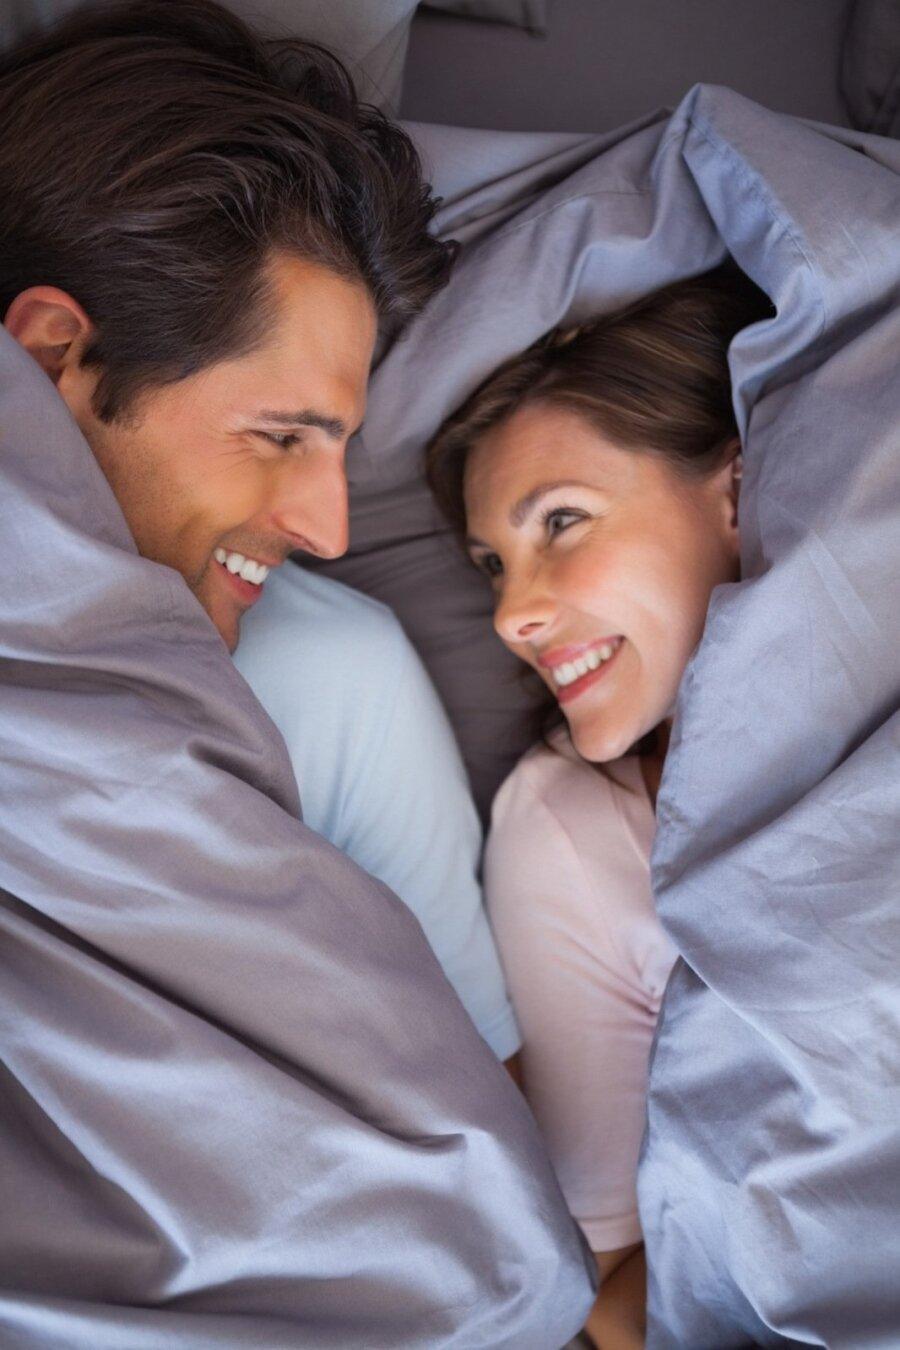 Мужские сексуальные фантазии что они означают